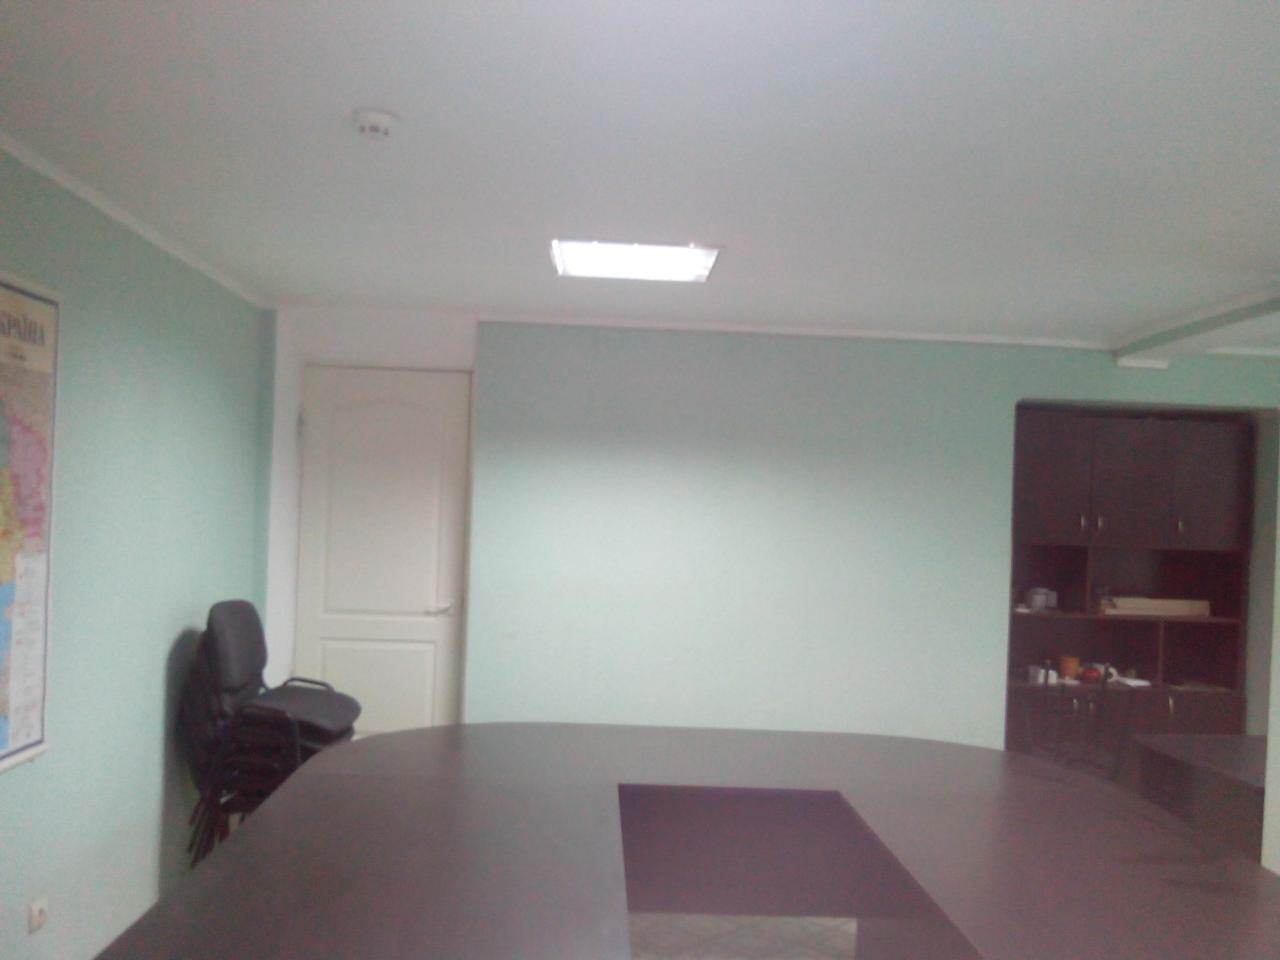 Продам офис в многоквартирном доме Киев, Гончара Олеся ул. 2